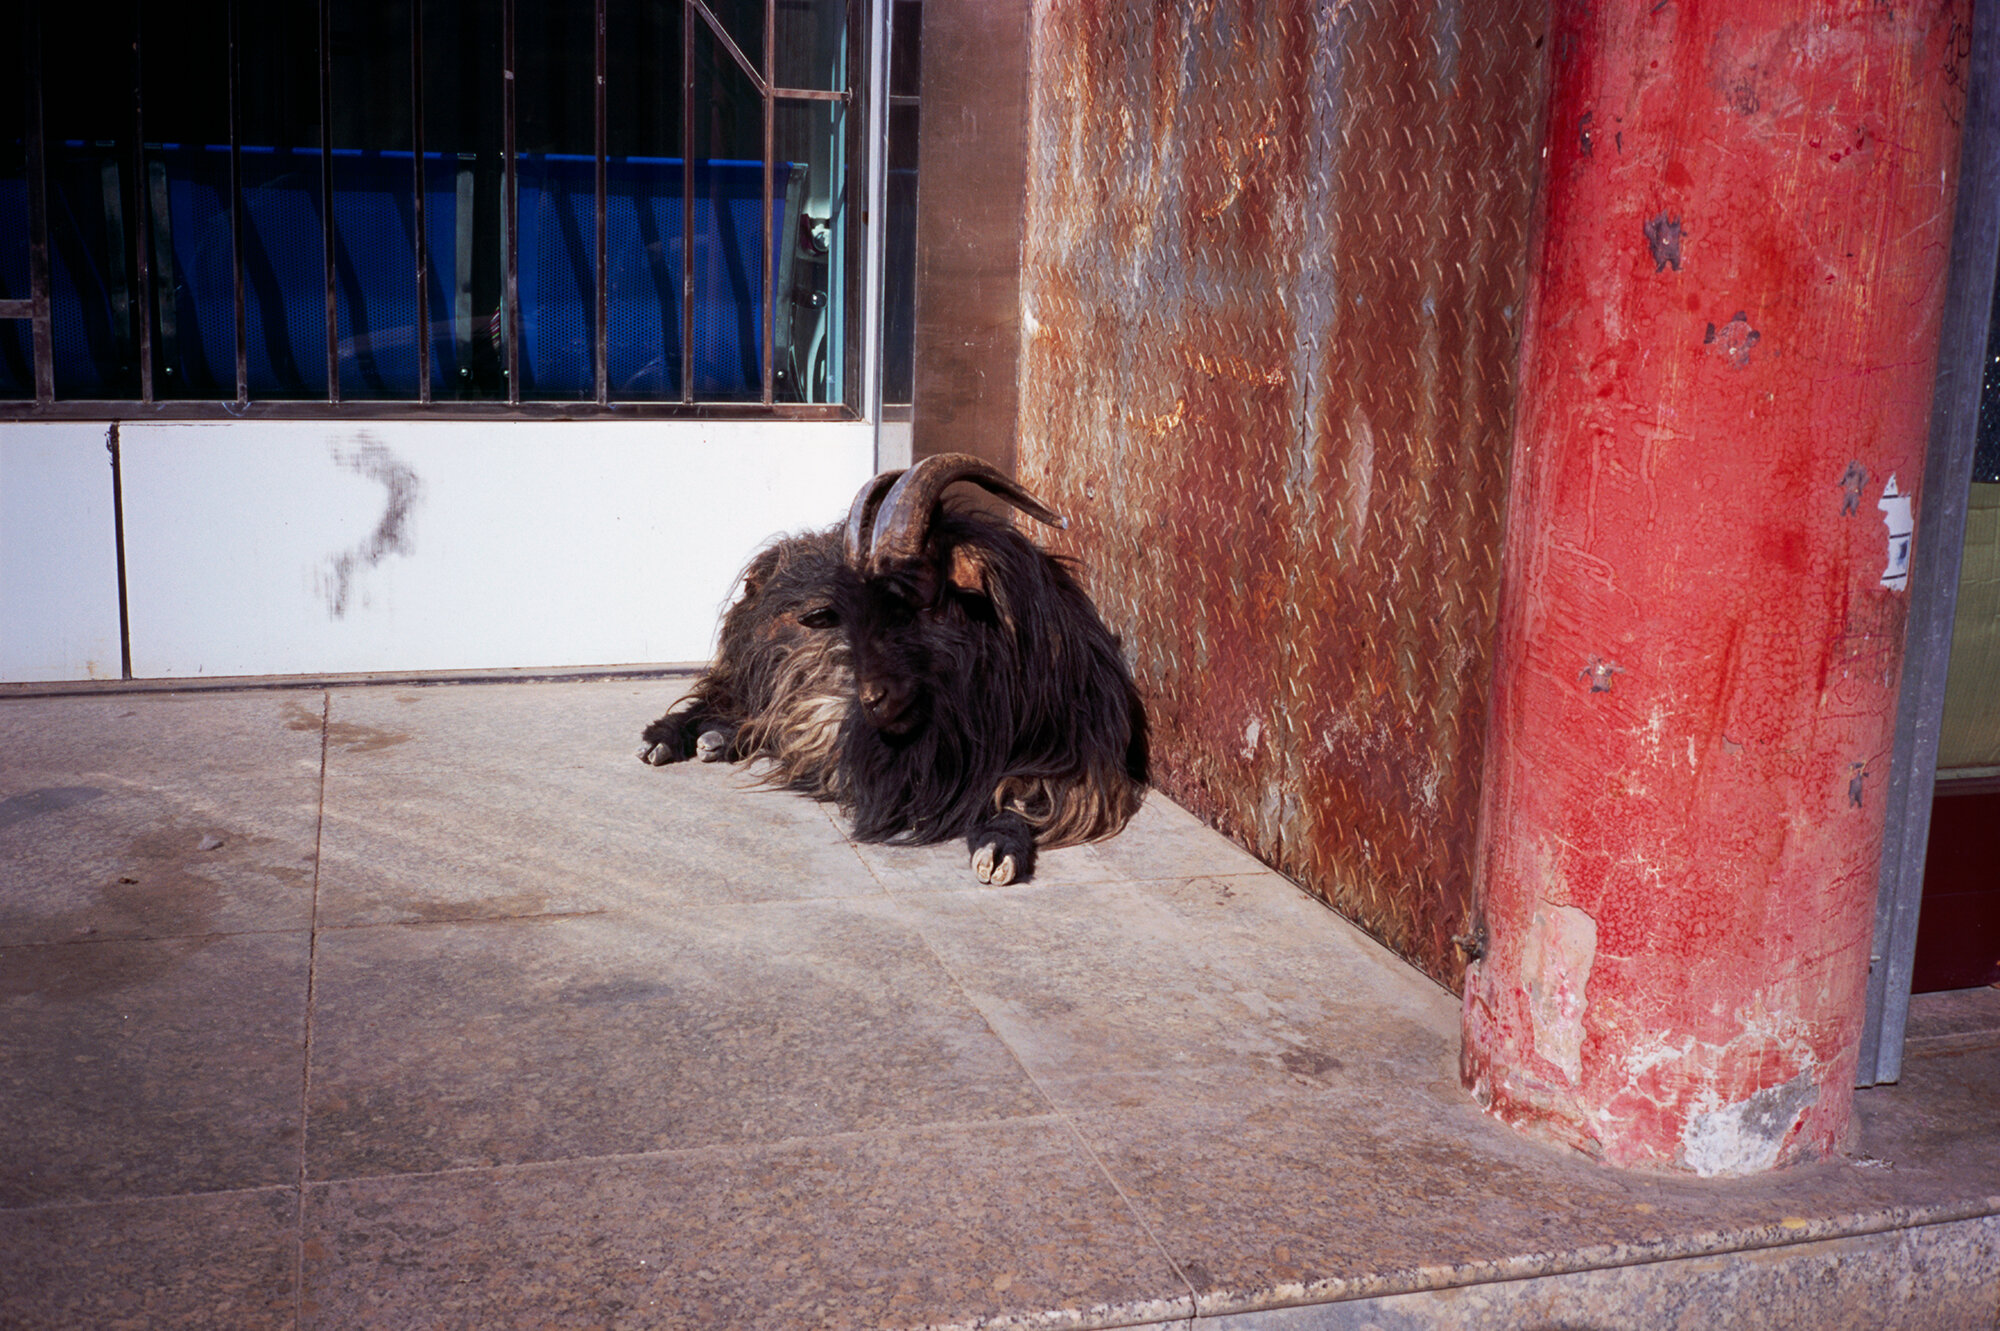 The Goat, Xiahe, Gansu, China, 2019